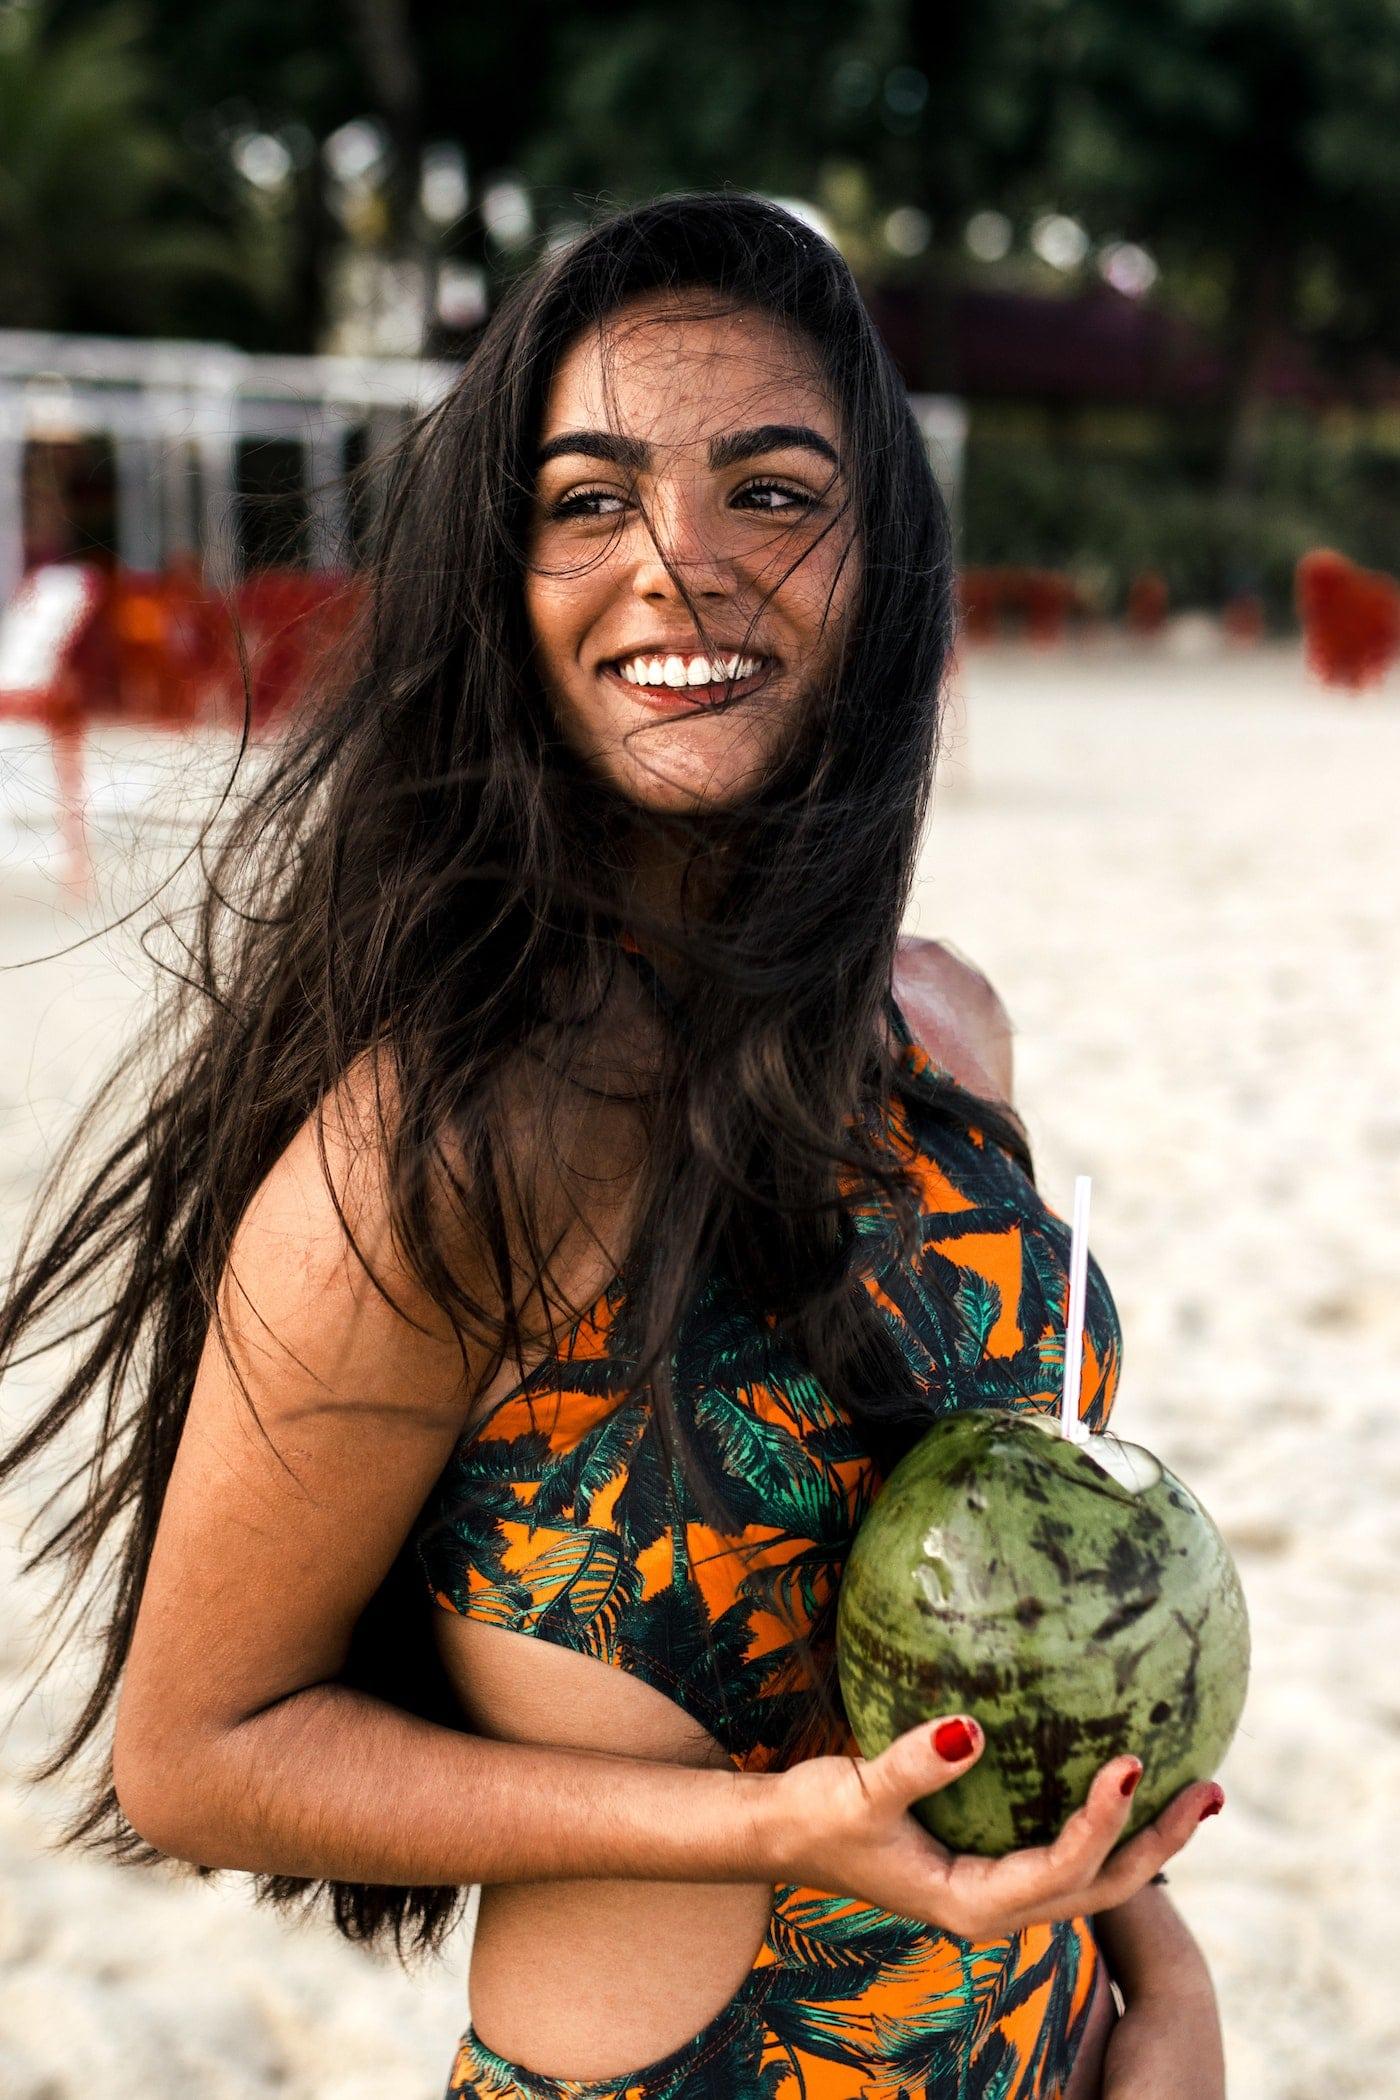 Wirkung #Kokosöl für deine #Haare: Versorgt deine Haare mit extremer Feuchtigkeit liefert Mineralstoffe, die deine Haare pflegen und präventiv vor #Spliss und Haarbruch schützen können. Beim Einmassieren in die Kopfhaut können die Mineralien und Spurenelemente in die #Kopfhaut eindringen und so auch das Haarwachstum ankurbeln. So kann es auch #Haarausfall entgegenwirken, weil deine Haarwurzeln mit Mineralien versorgt und auch stimuliert werden und deine Haare gleichmäßig nachwachsen können.